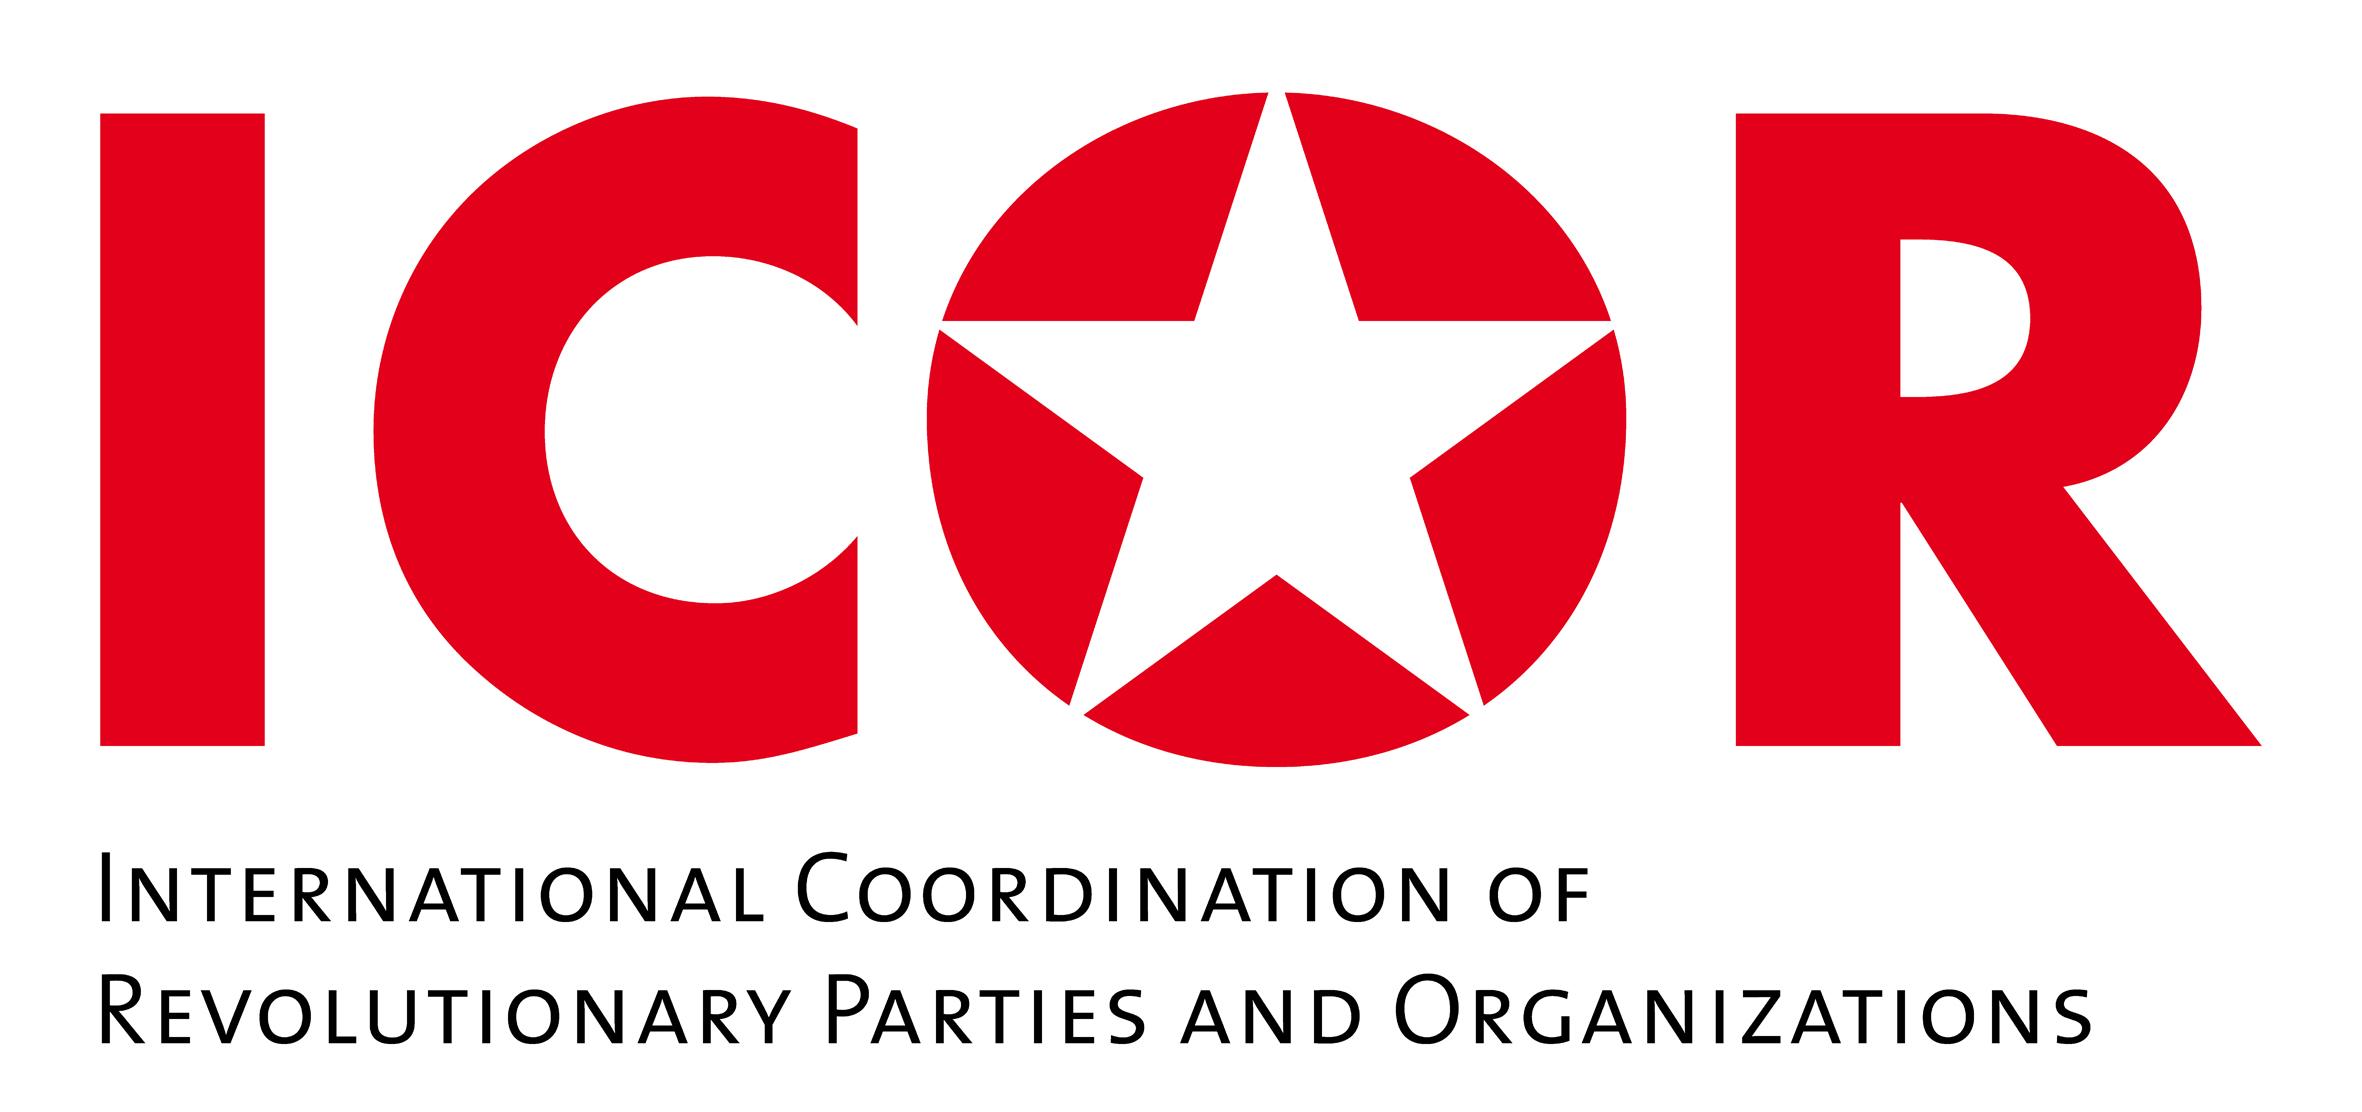 Erklärung der ICOR Amerika zum Tag des Generalstreiks in Europa am 14.11.2012